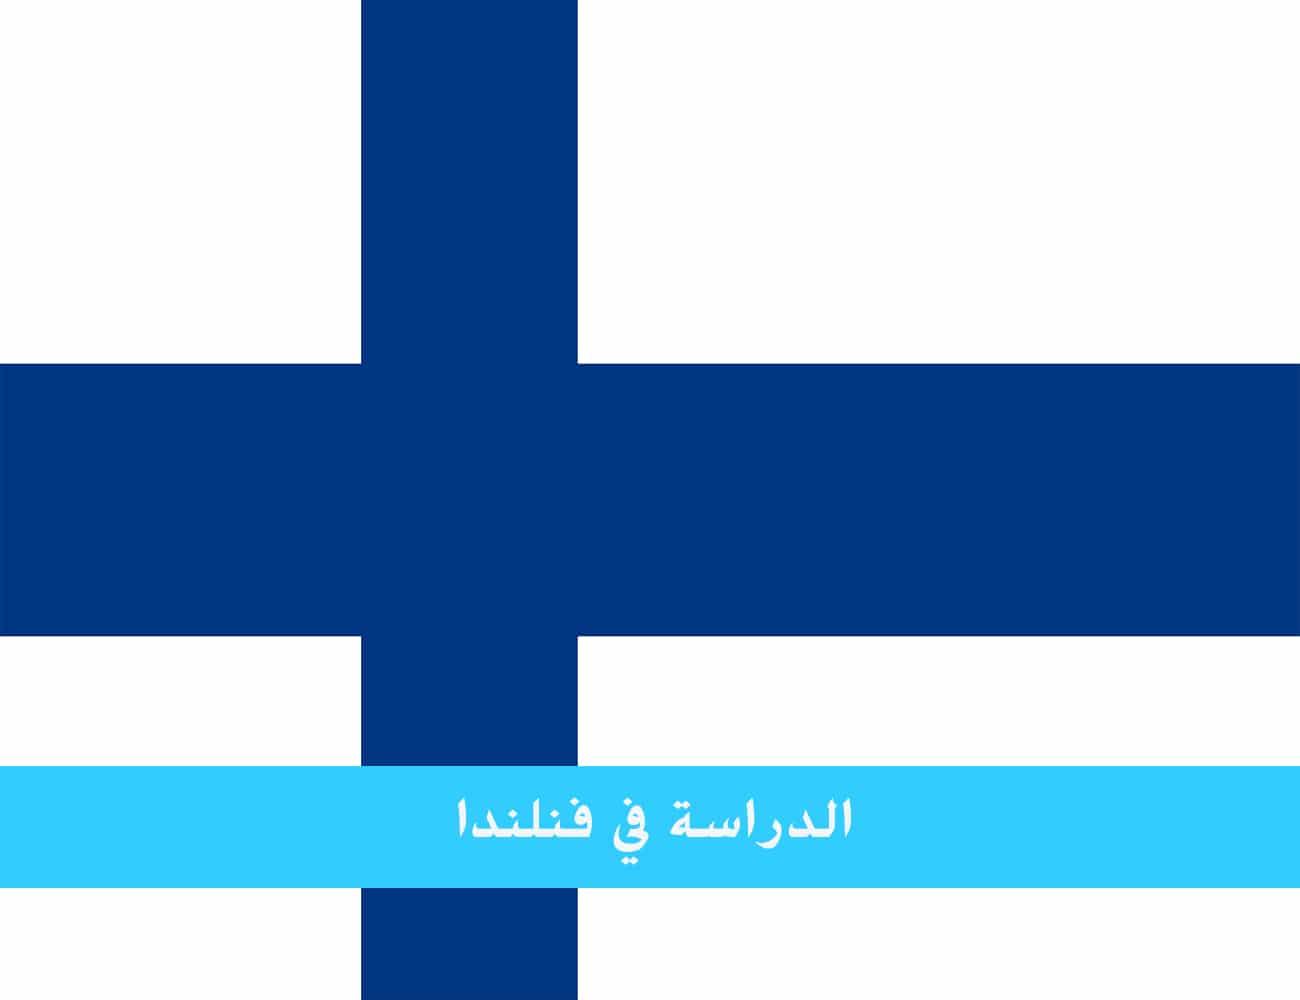 الدراسة في فنلندا للمغاربة بلد التعليم الجامعي والتعليم المهني العالي